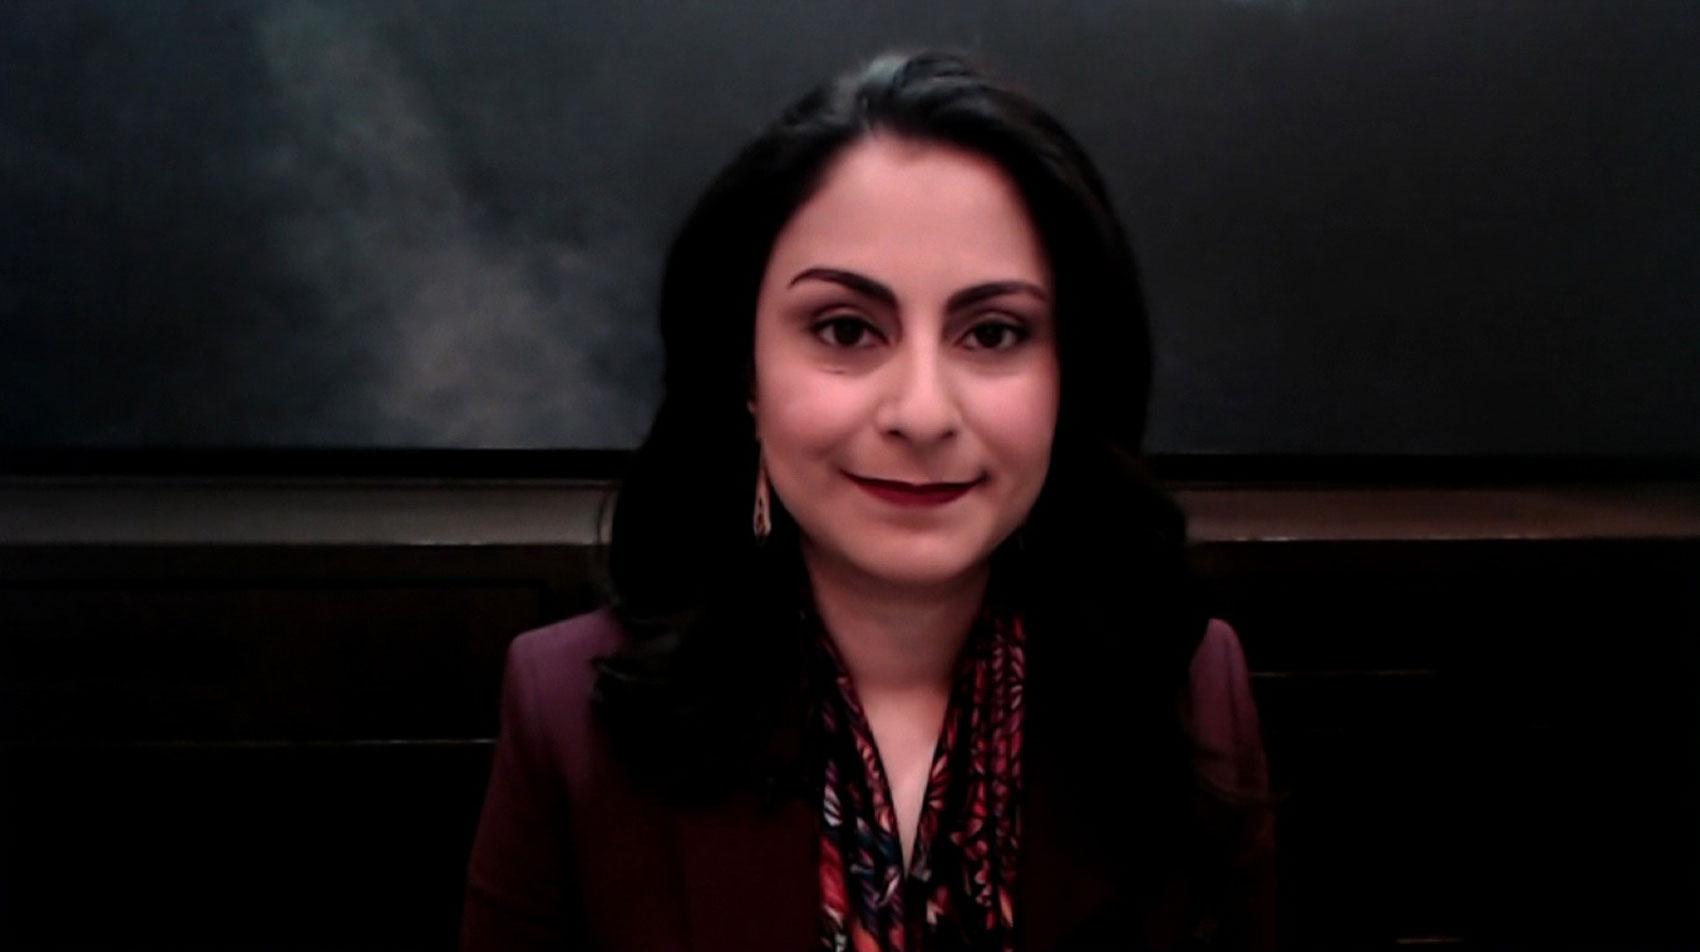 Dr. Celine Gounder on December 4.